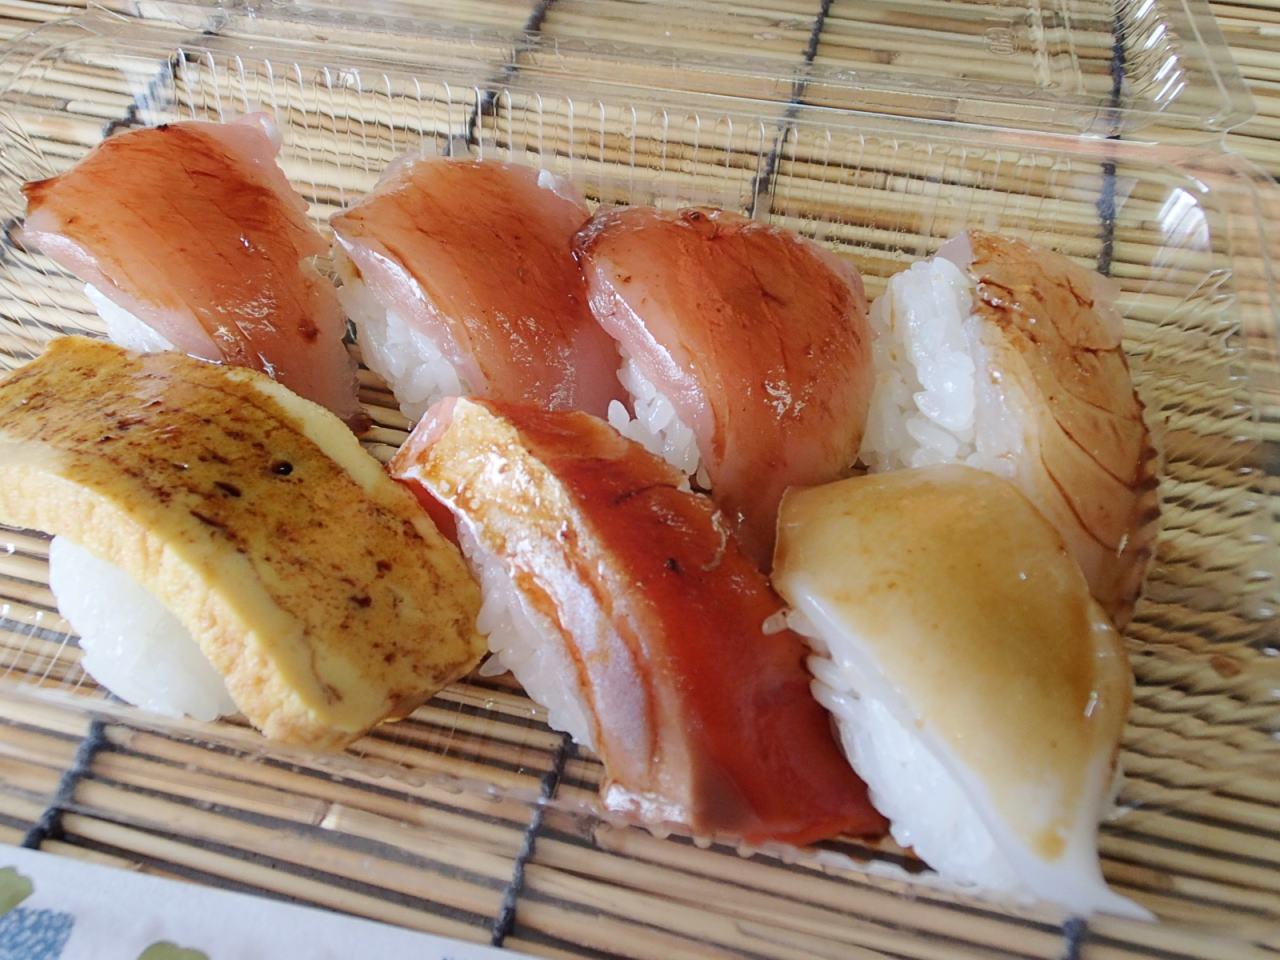 【宜野湾市 真栄原鮮魚店】今日のテーマはなに?ワンコイン寿司を立ち食いで!